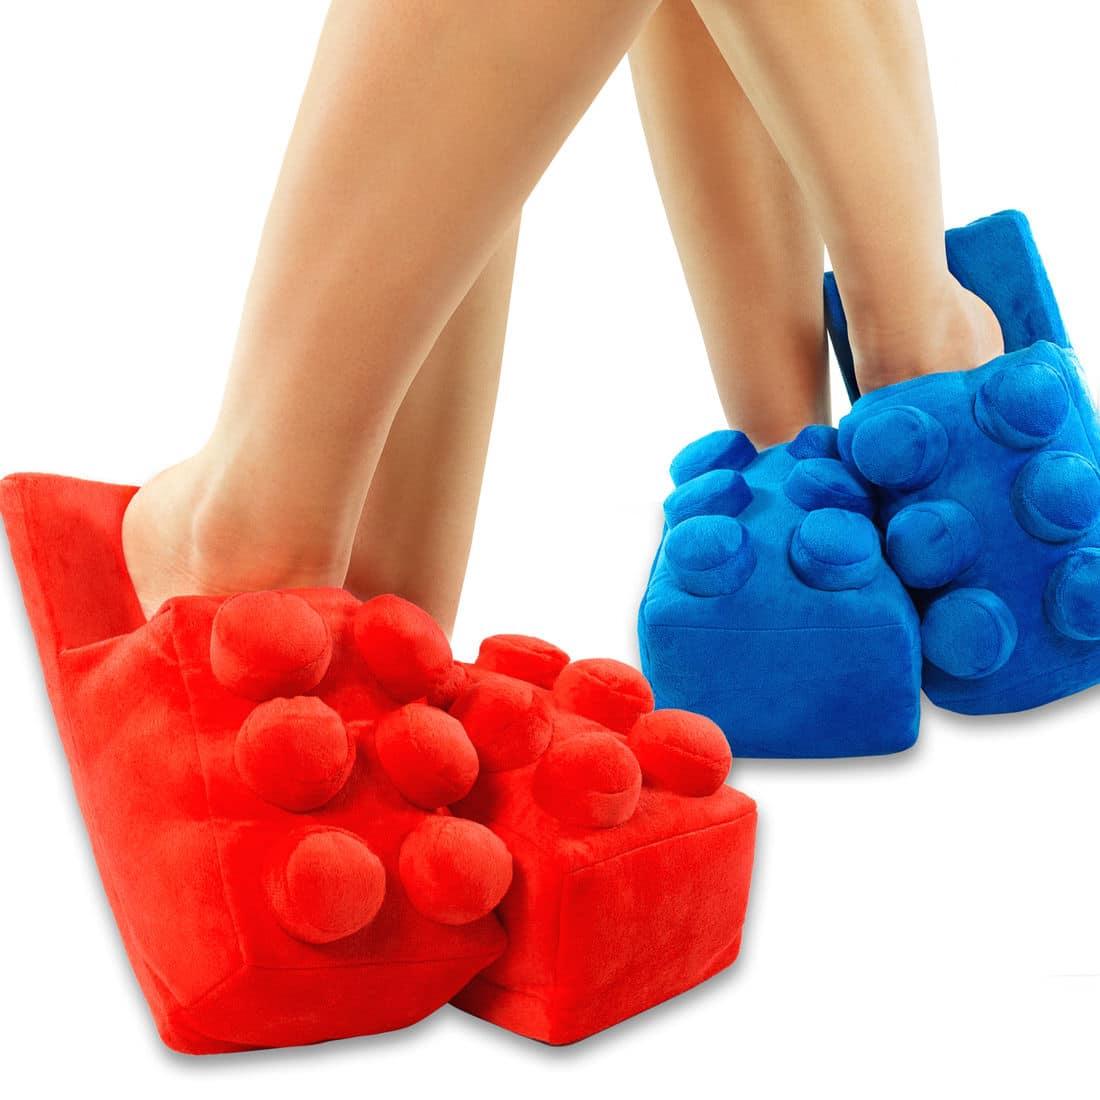 In diesen flauschigen Schuhen werden eure Füße nie wieder frieren. (Foto: GetDigital.de)